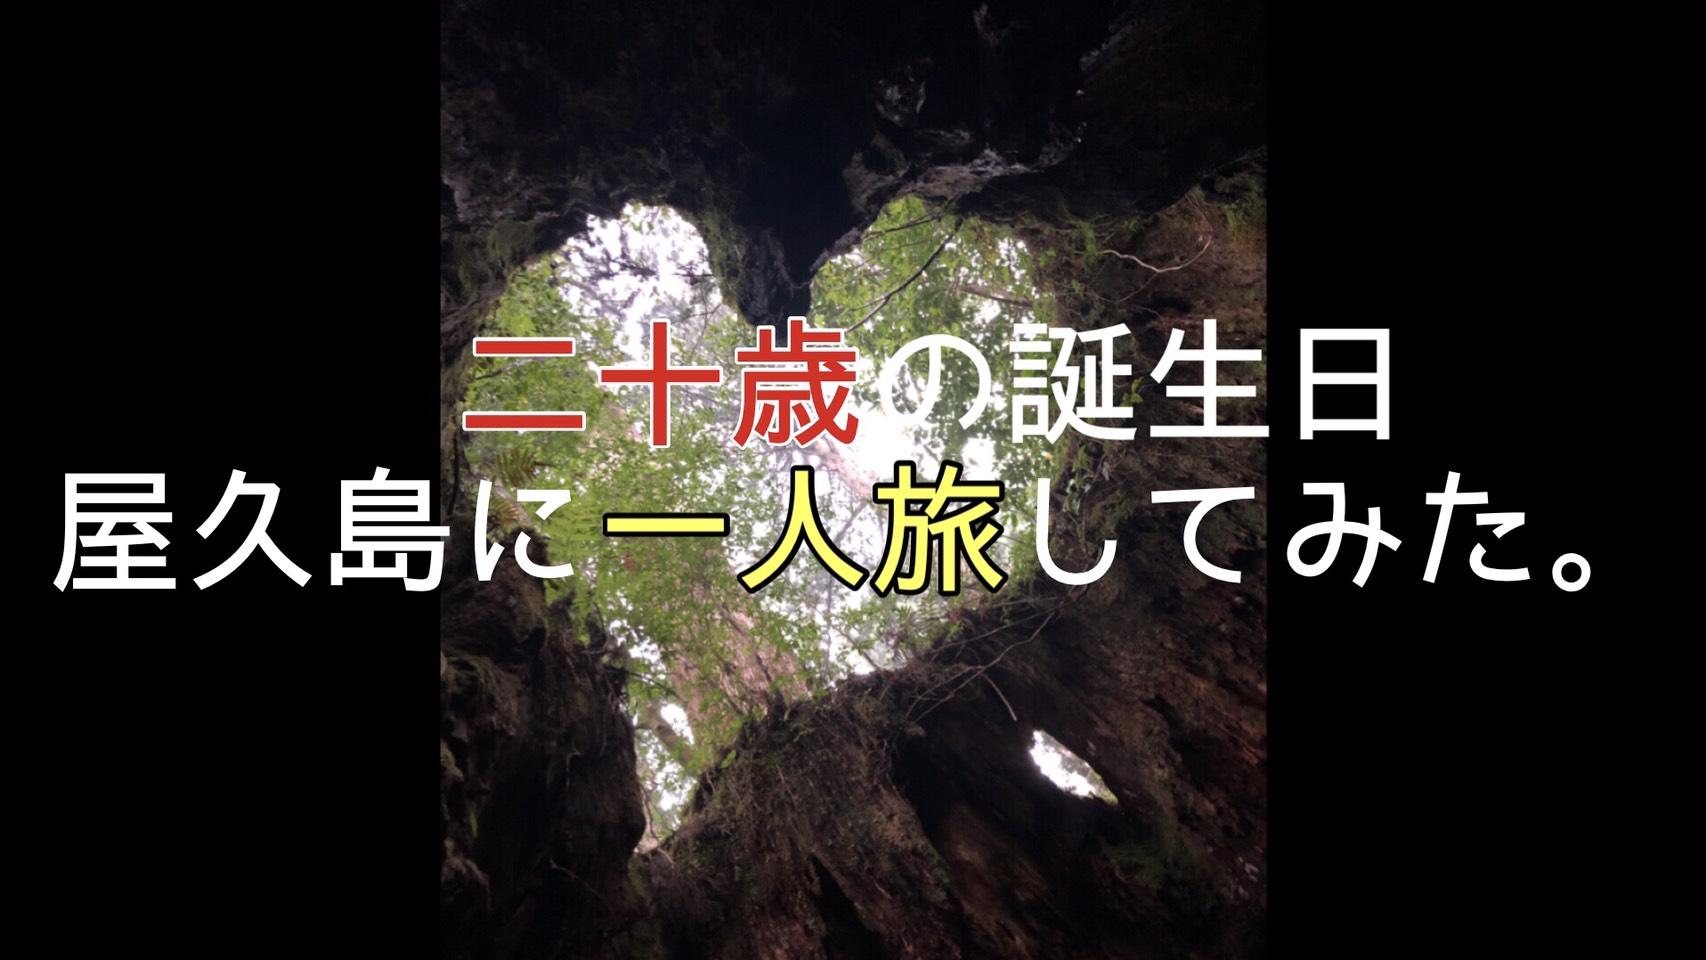 二十歳の誕生日、屋久島に一人旅してみた。